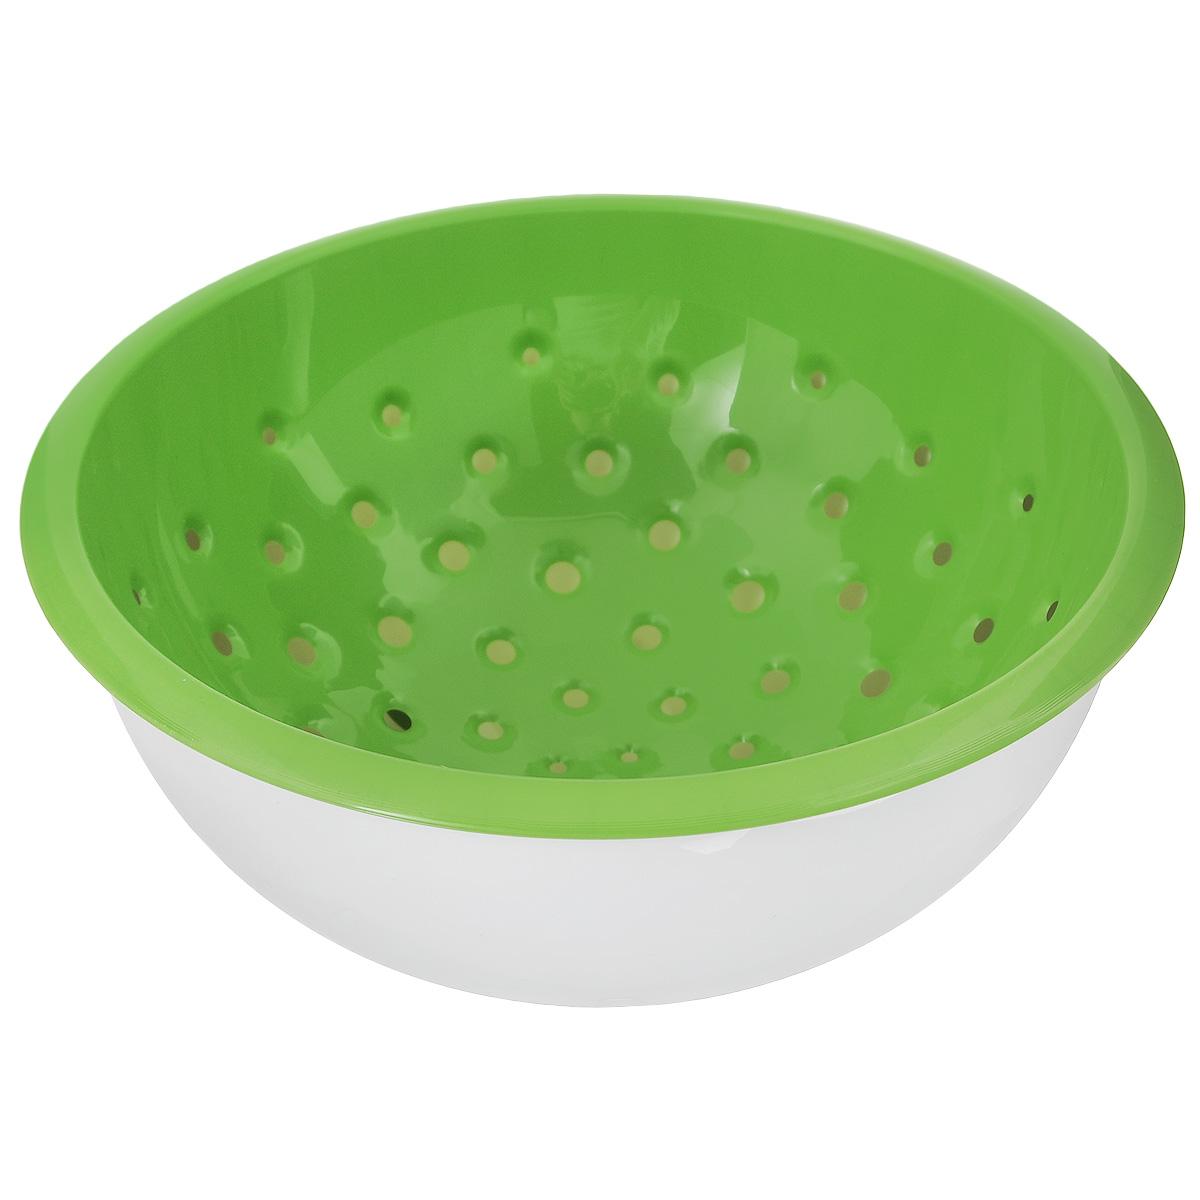 Дуршлаг Tescoma Vitamino, с чашкой, цвет: белый, зеленый, диаметр 20 см642792Дуршлаг Tescoma Vitamino изготовлен из высокопрочного пищевого пластика. Отлично подходит для ополаскивания овощей и фруктов под проточной водой, оставшаяся вода на продуктах стекает в чашу. Обе емкости могут быть использованы отдельно: чаша для приготовления и сервировки салатов или порций фруктов, дуршлаг - для сцеживания макарон, картофеля и многого другого. Подходит для мытья в посудомоечной машине и для хранения пищи в холодильнике. Диаметр дуршлага: 20 см. Объем чаши: 2 л. Высота стенки: 10 см.